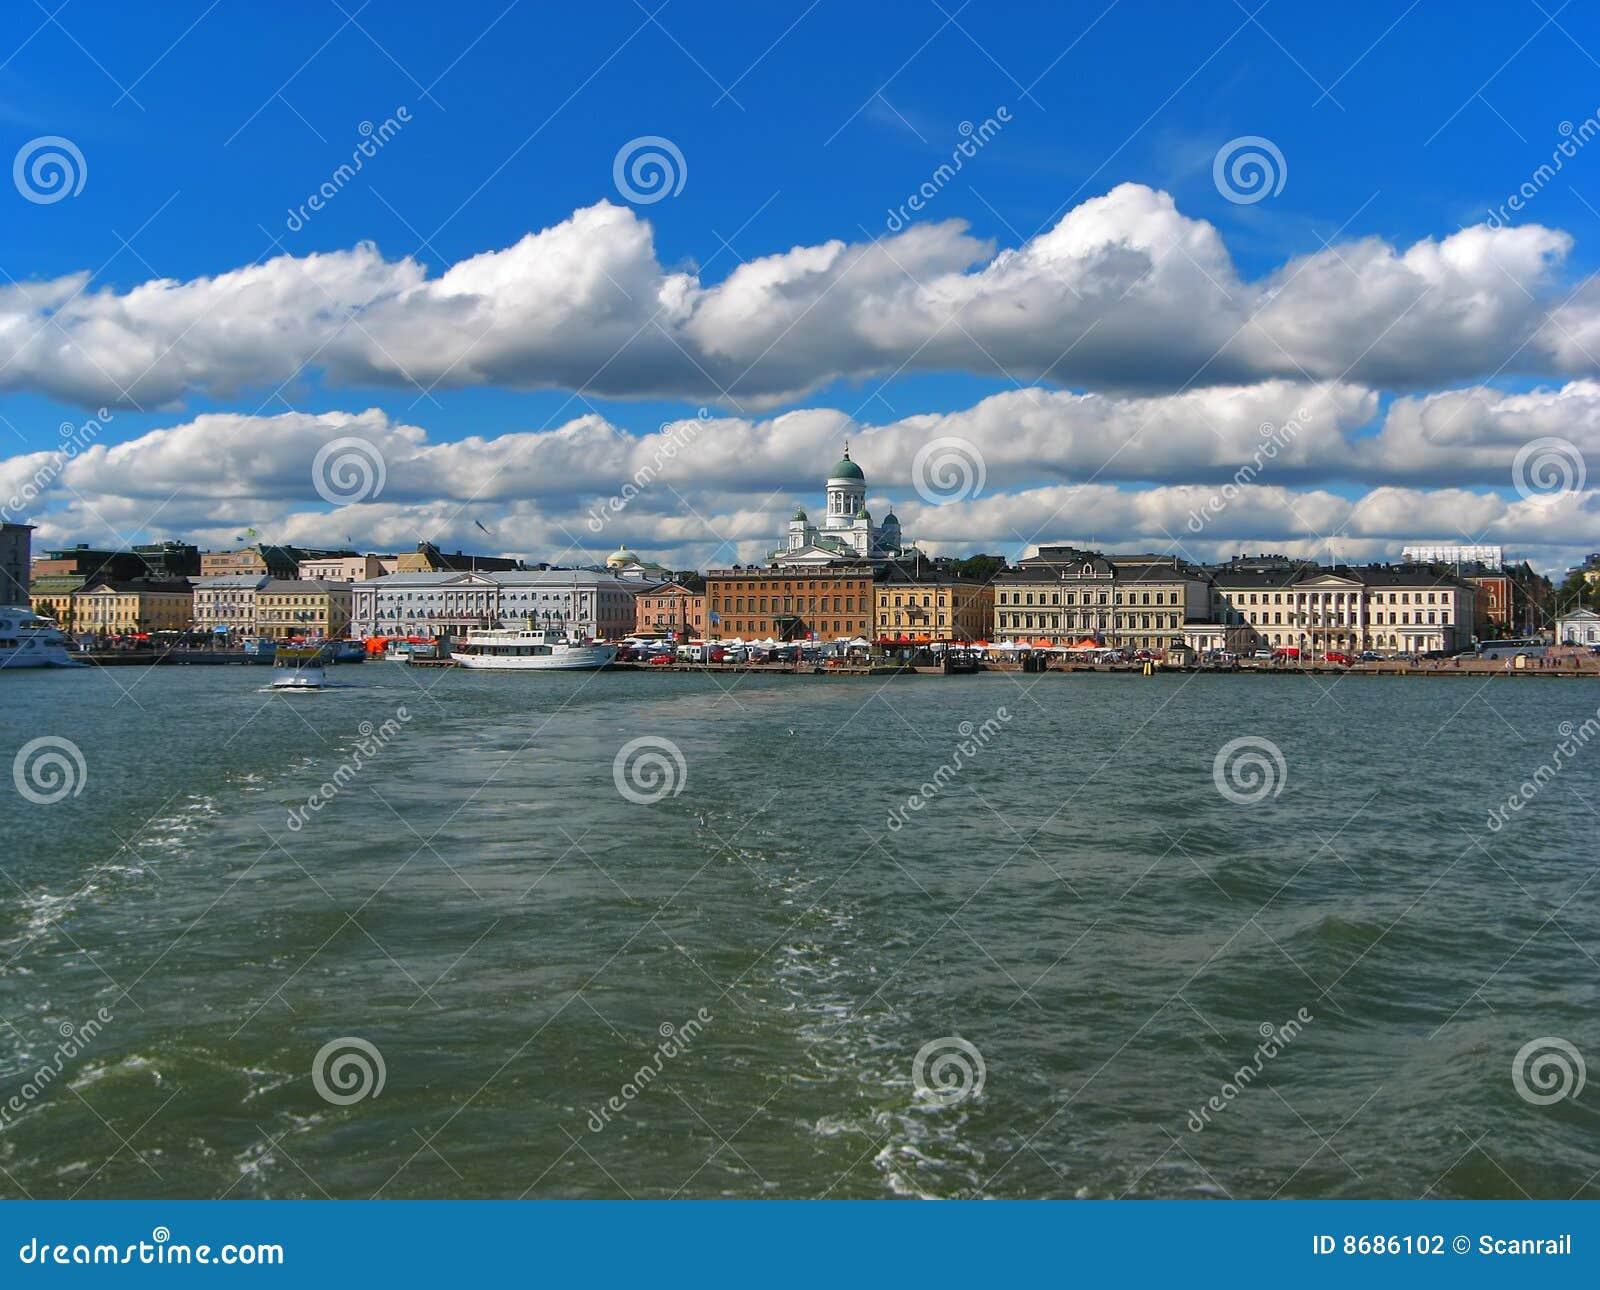 Helsinki, historical center